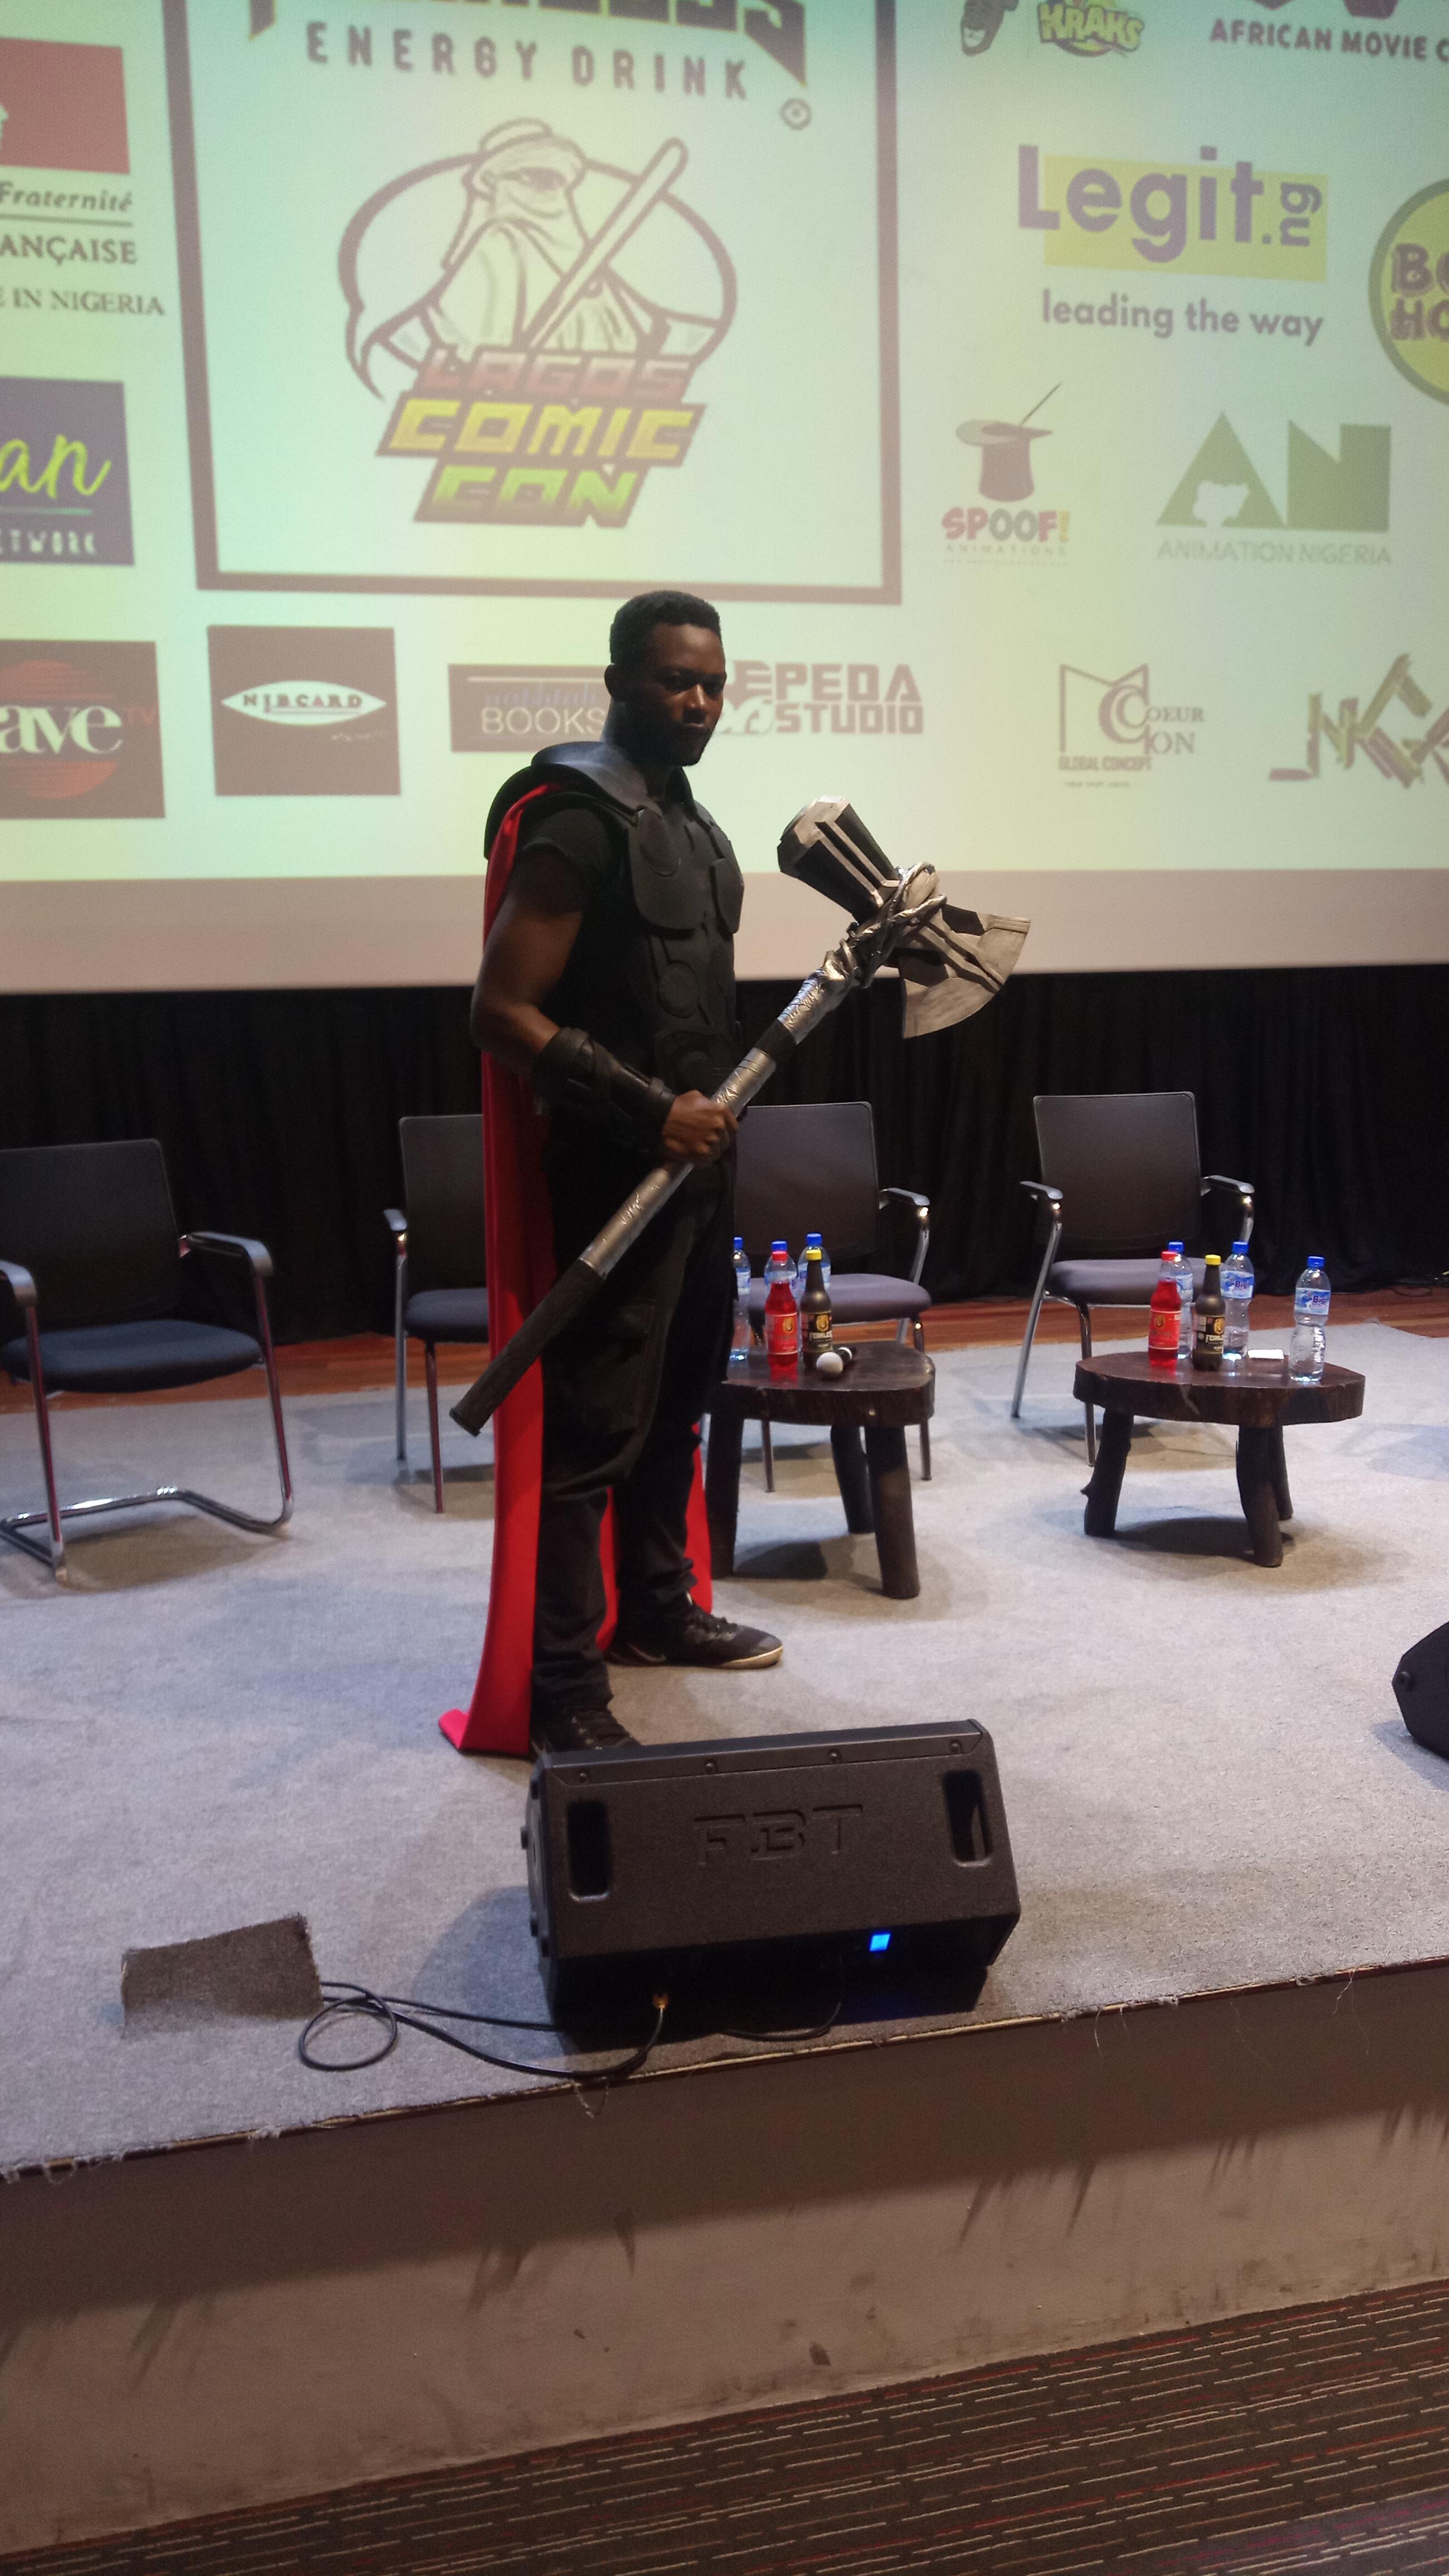 IMG 20190920 172437 7 - What We Saw at Lagos Comic Con 2019: Malika, Ratnik, Hero Corp & Joker